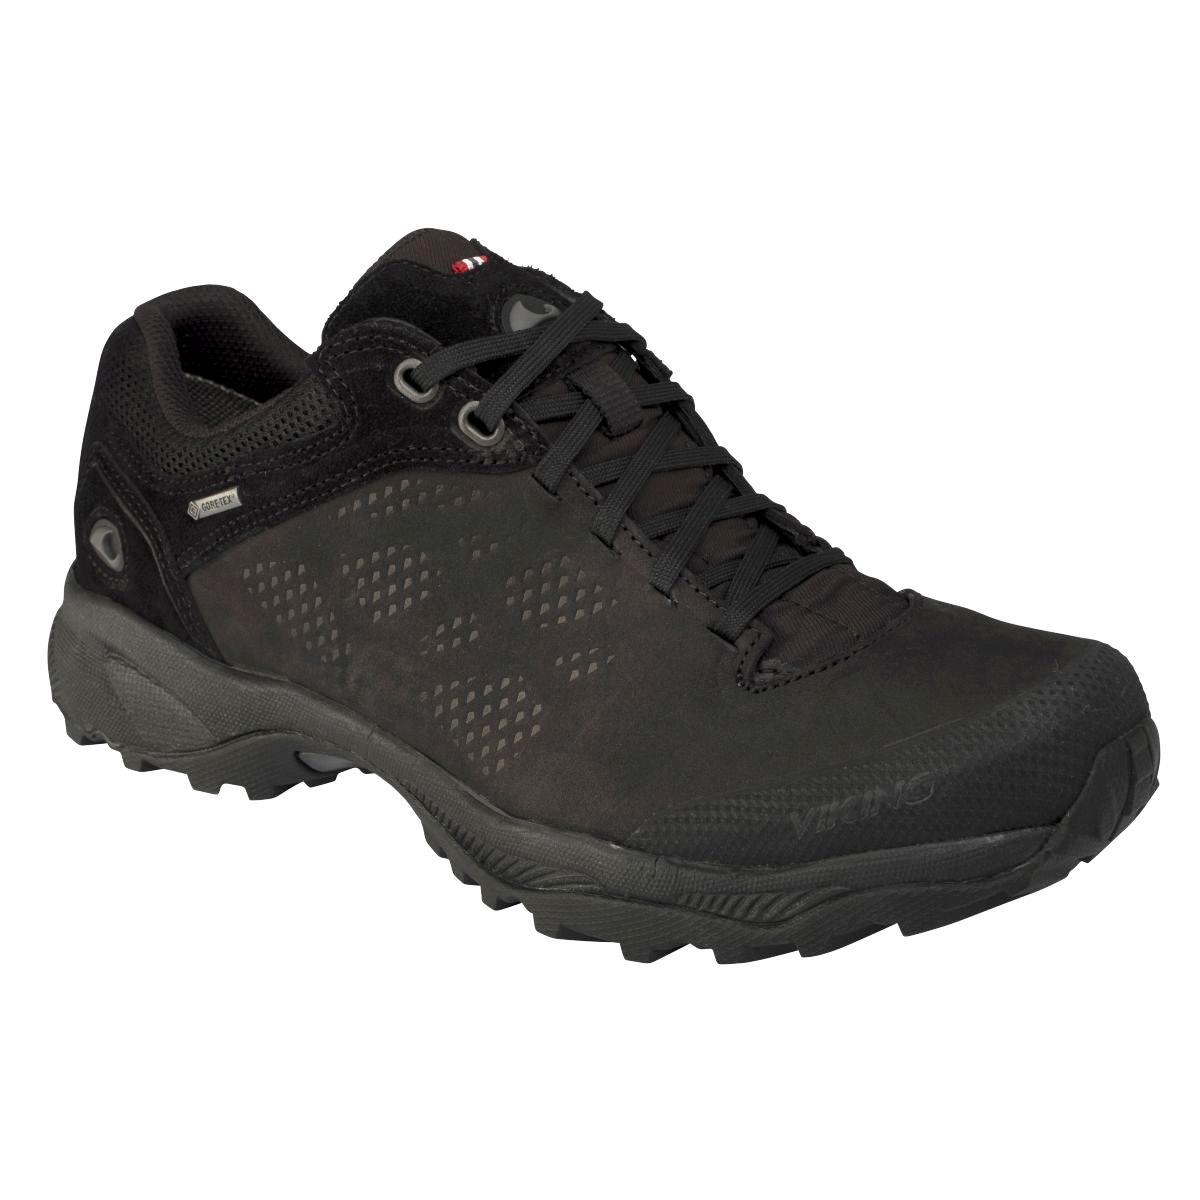 Lumberjack Elbert Sandals Shoes Trekking Men Black